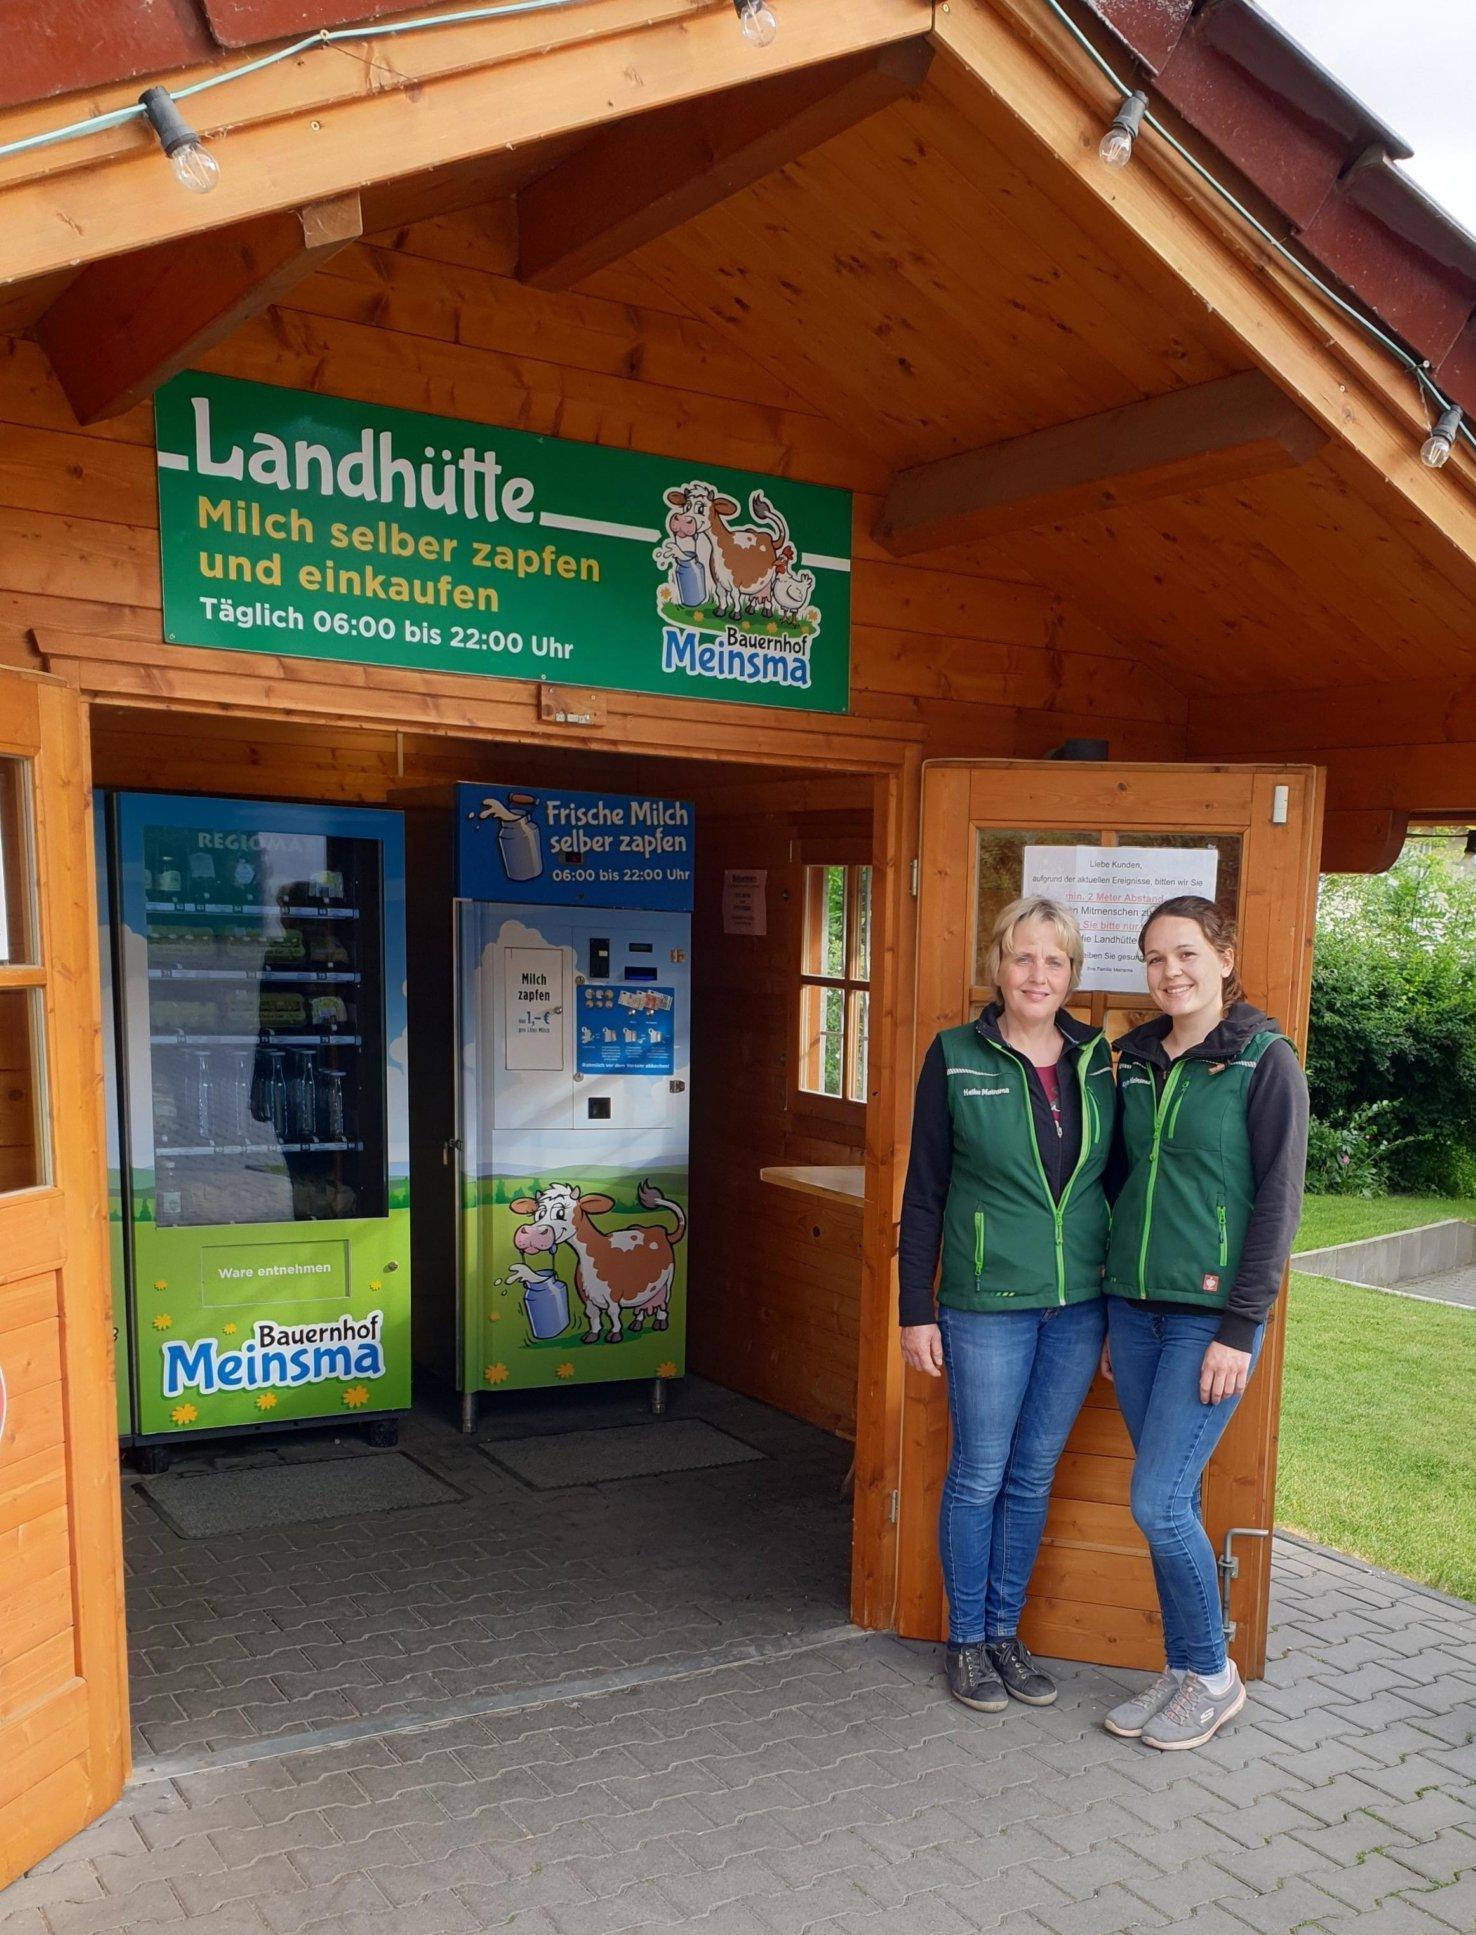 Landhütte_3 Meinsma